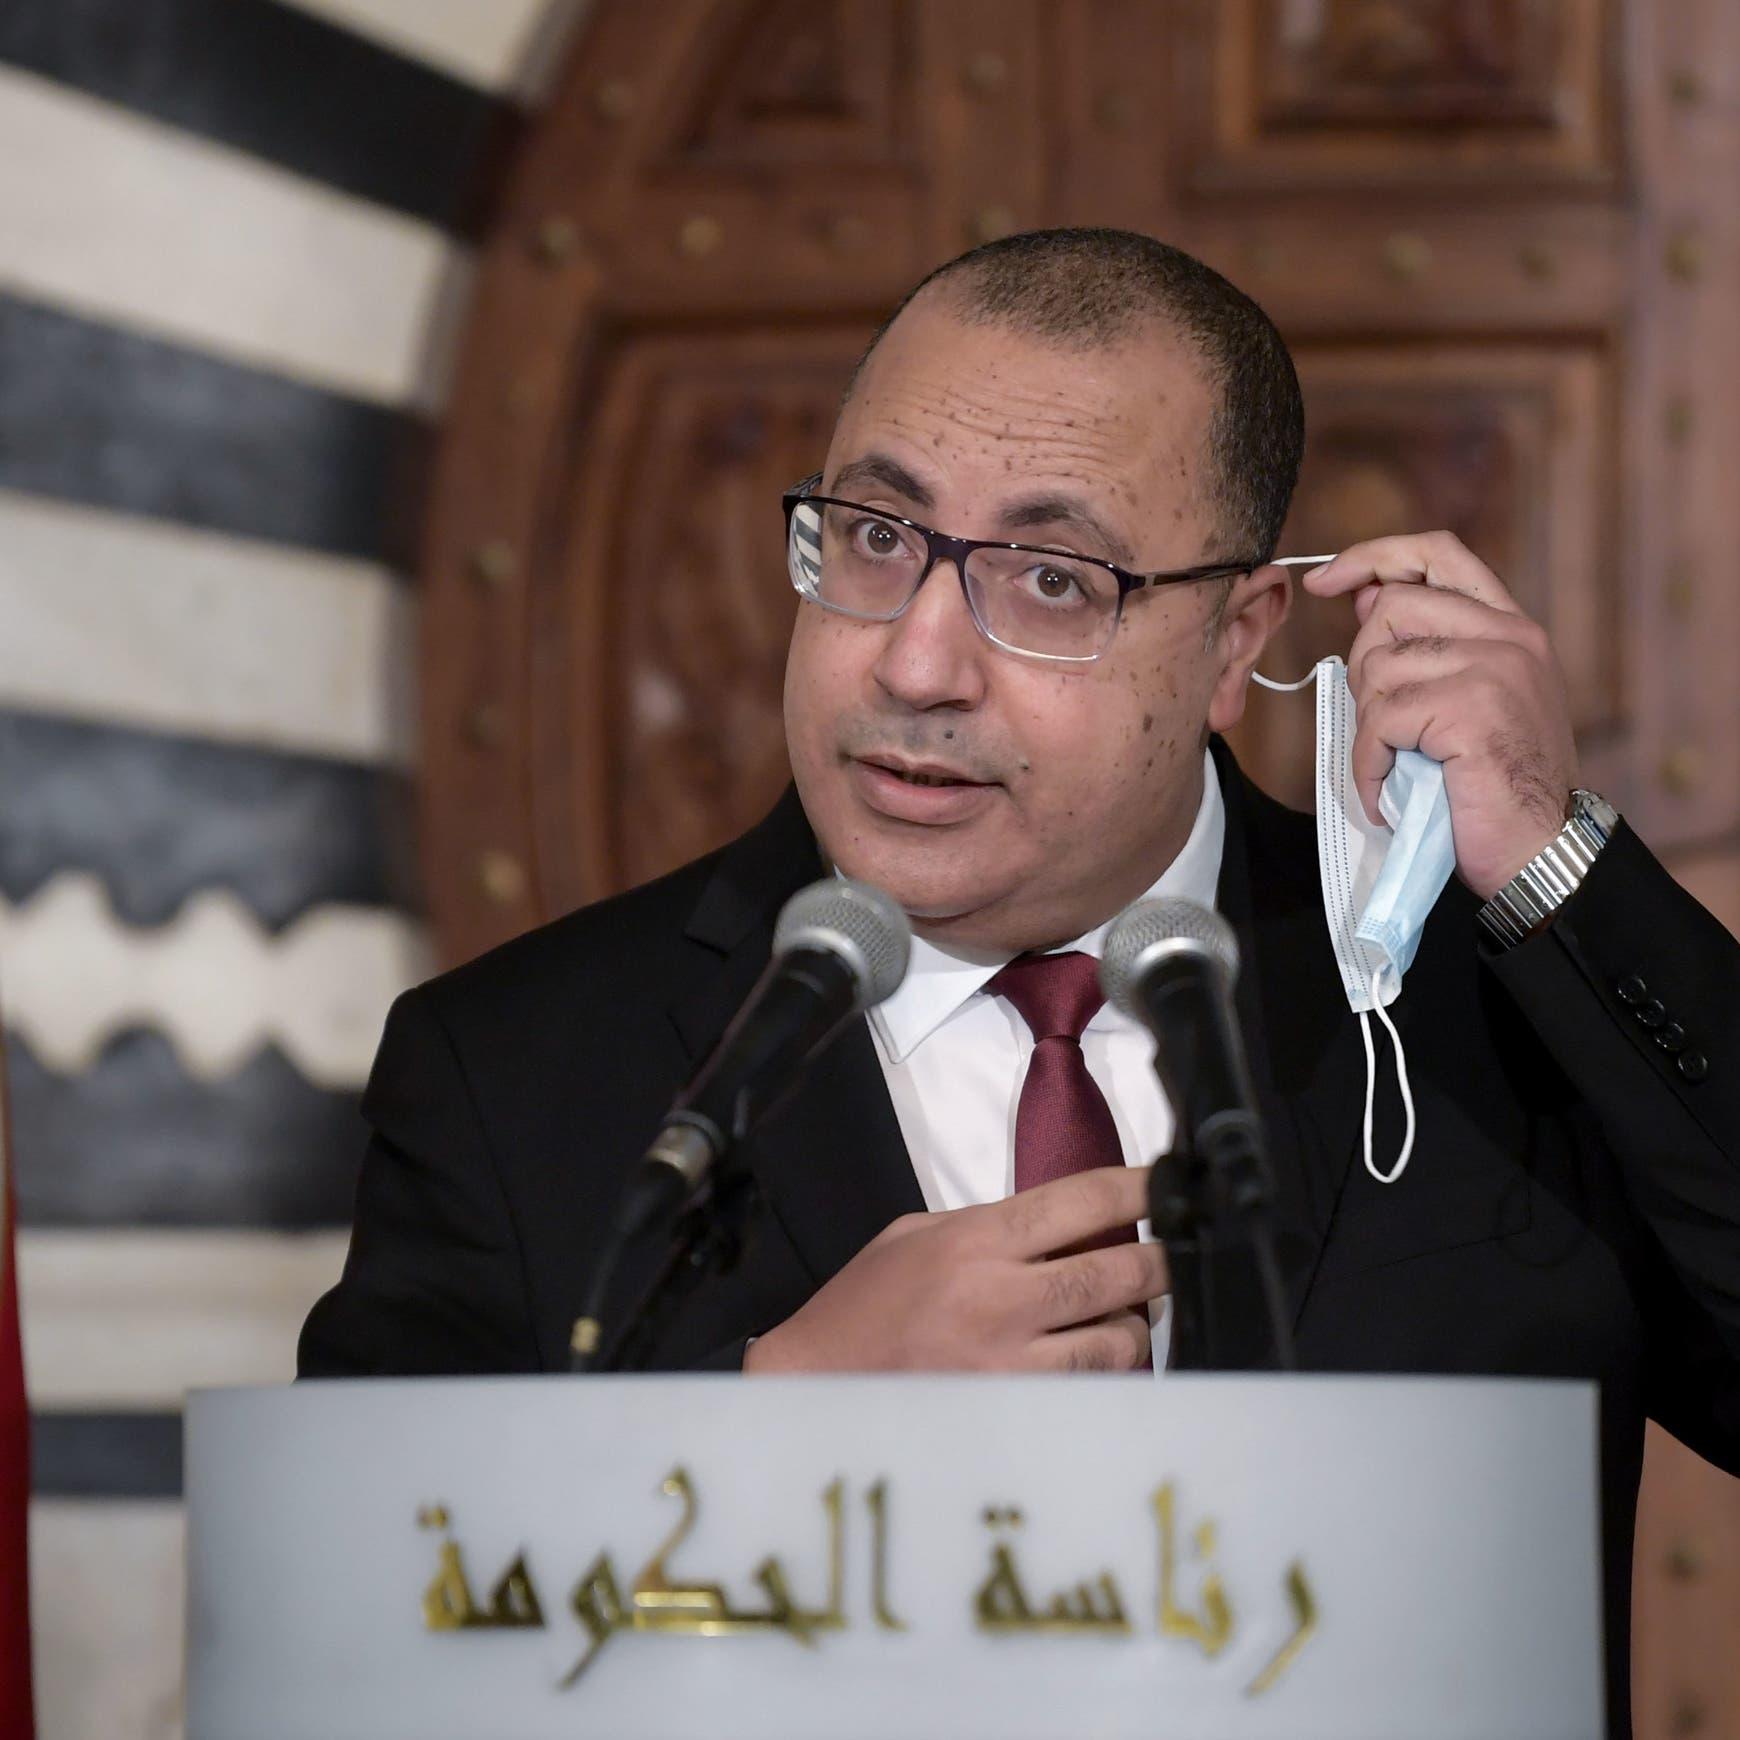 تونس: أحزاب تدعو المشيشي للاستقالة وبدء حوار وطني لإنقاذ البلاد